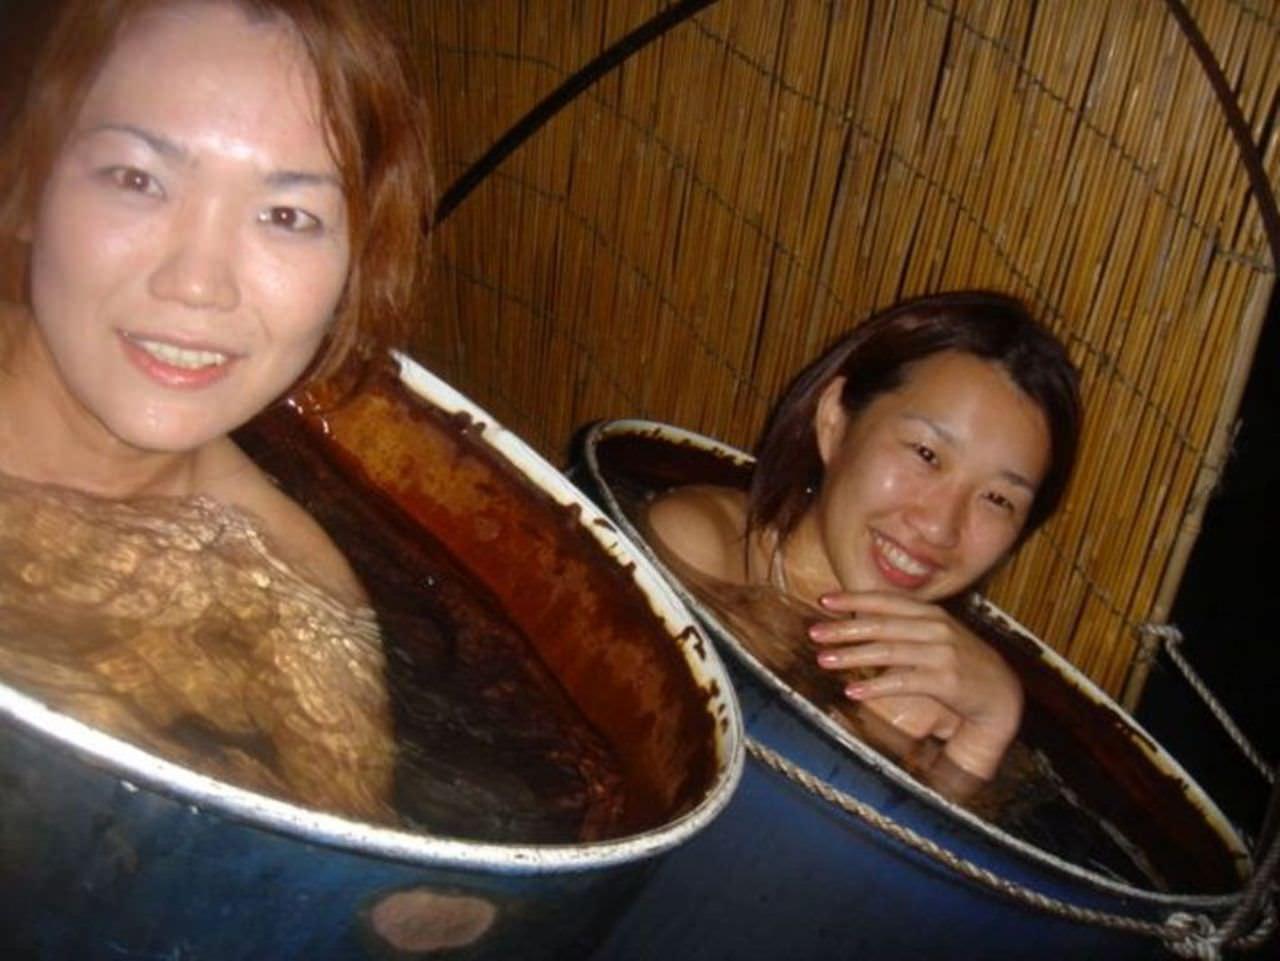 女友達と露天風呂で裸の記念撮影!!素人ヌード画像がネットで拡散www 15110